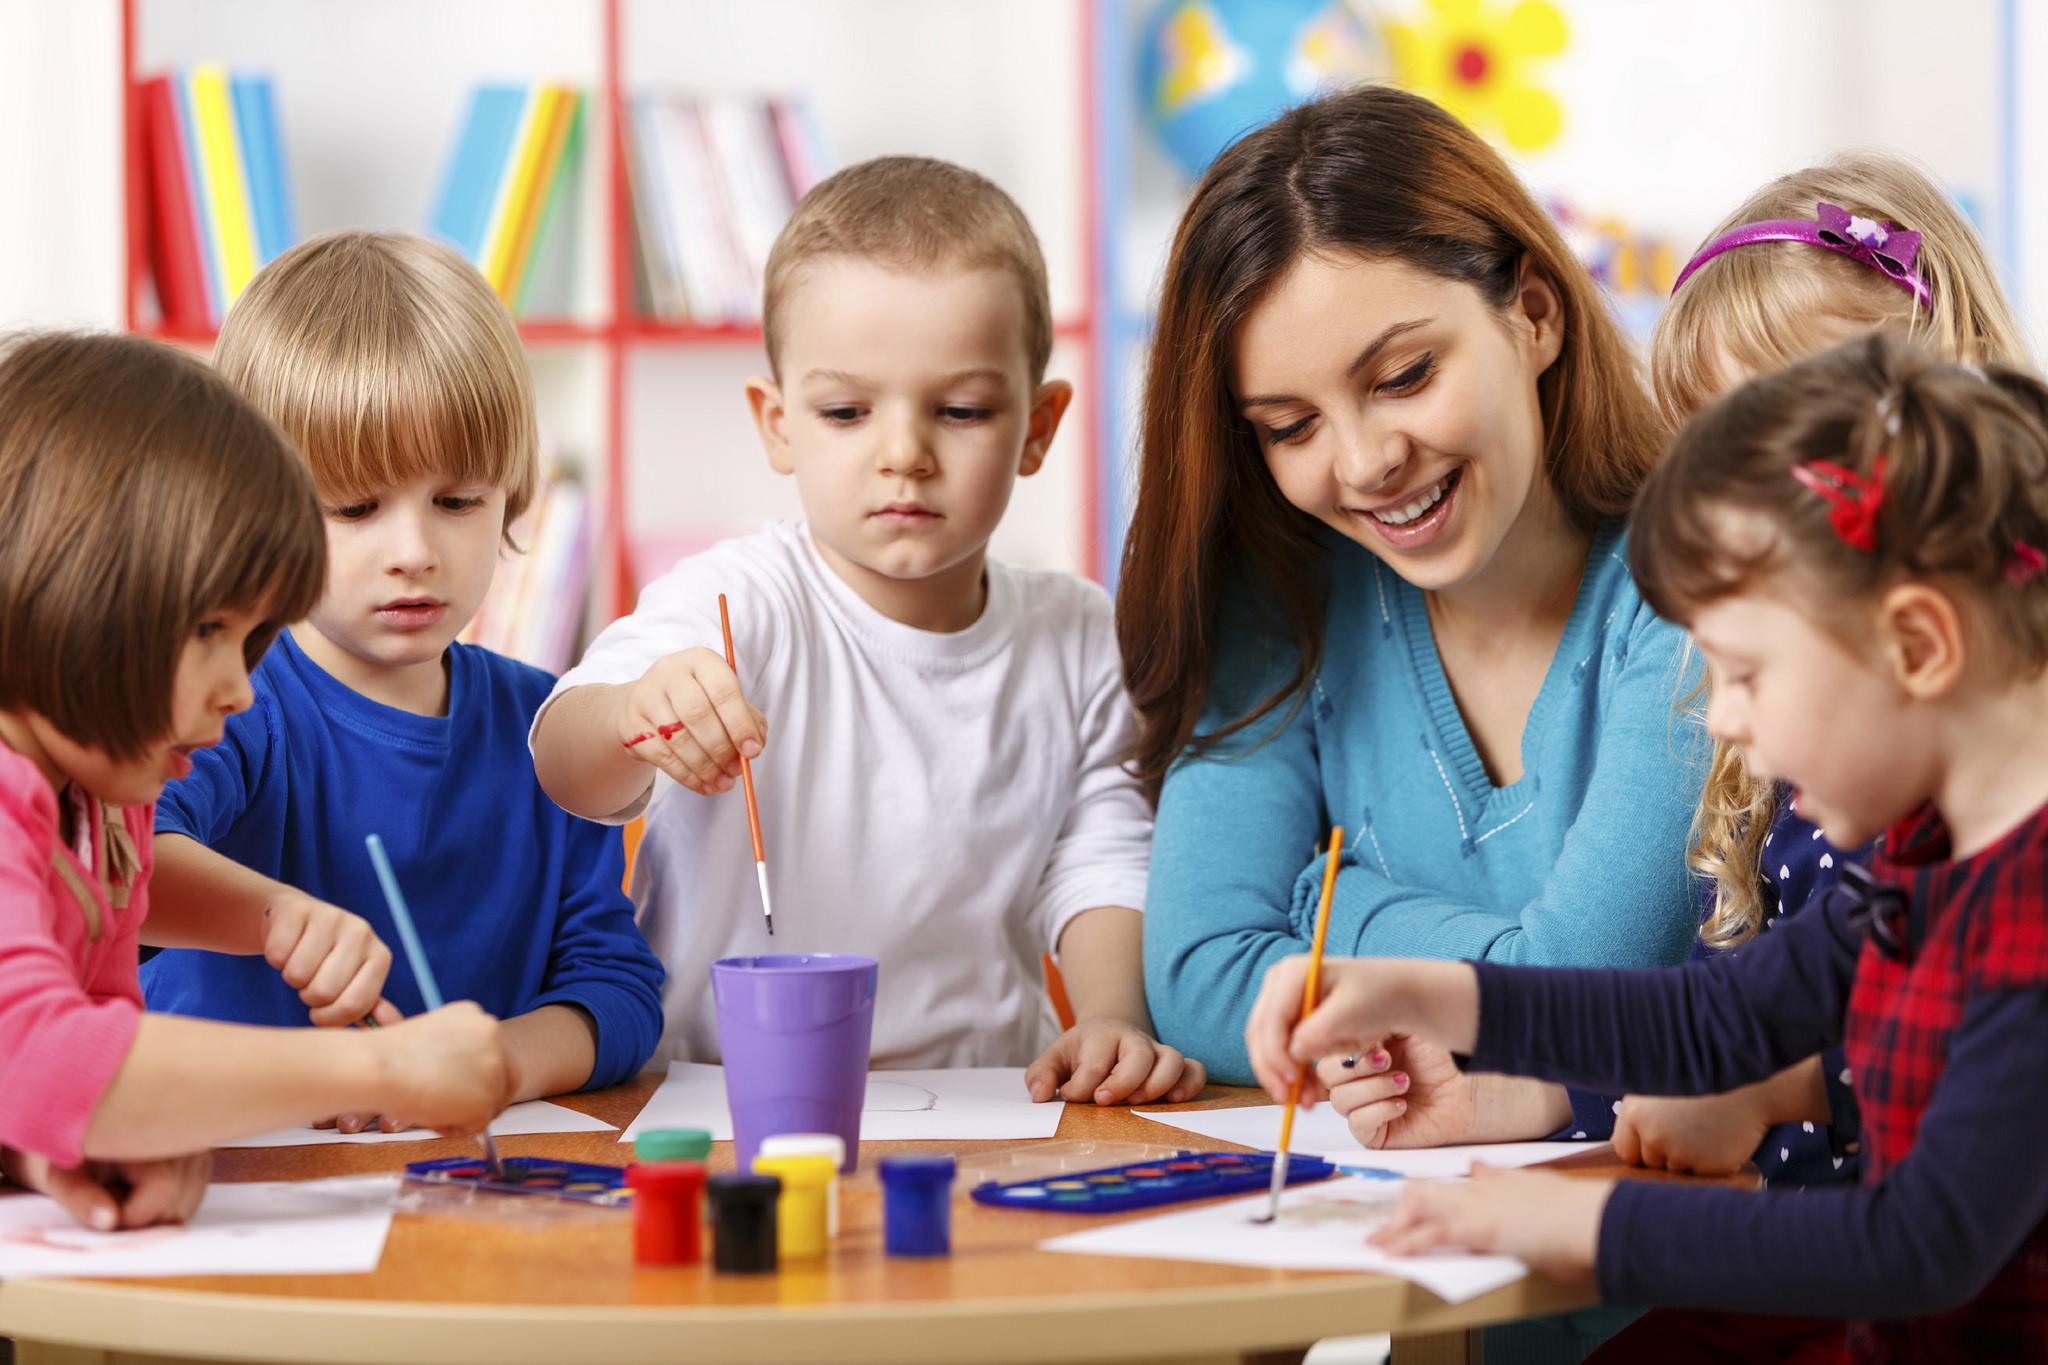 Ngành nghề của tương lai - Giáo dục và Chăm sóc Mầm non